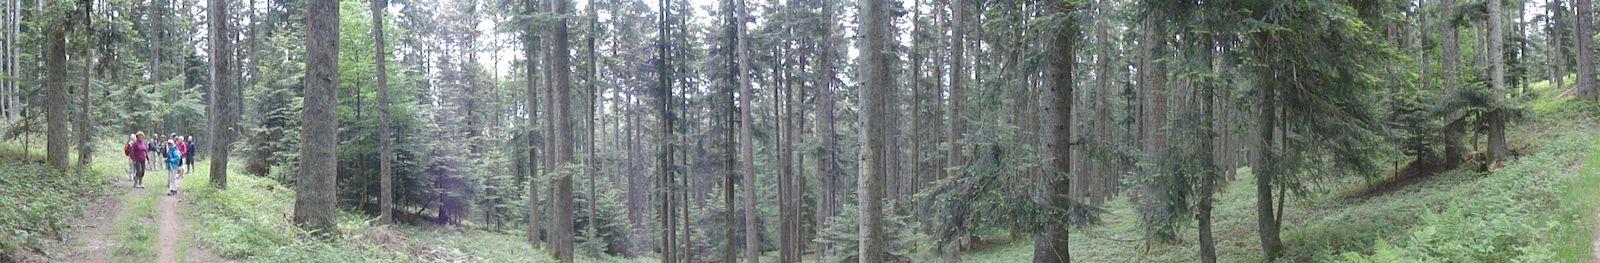 Nous retournons dans les bois pour le retour.